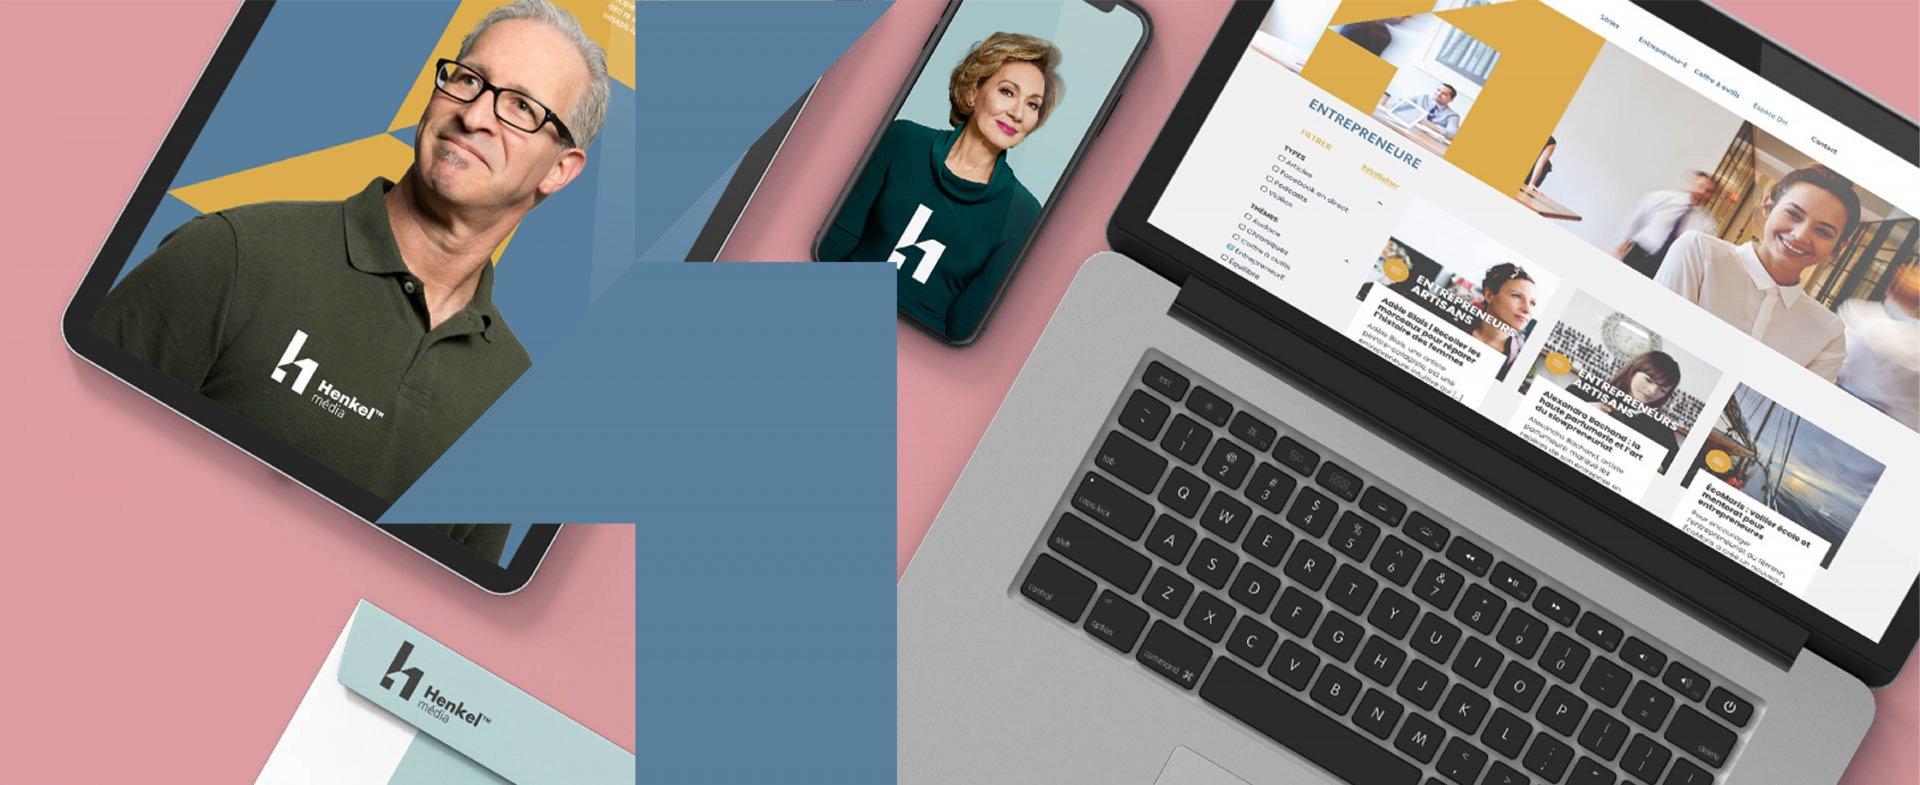 HenkelMedia.com